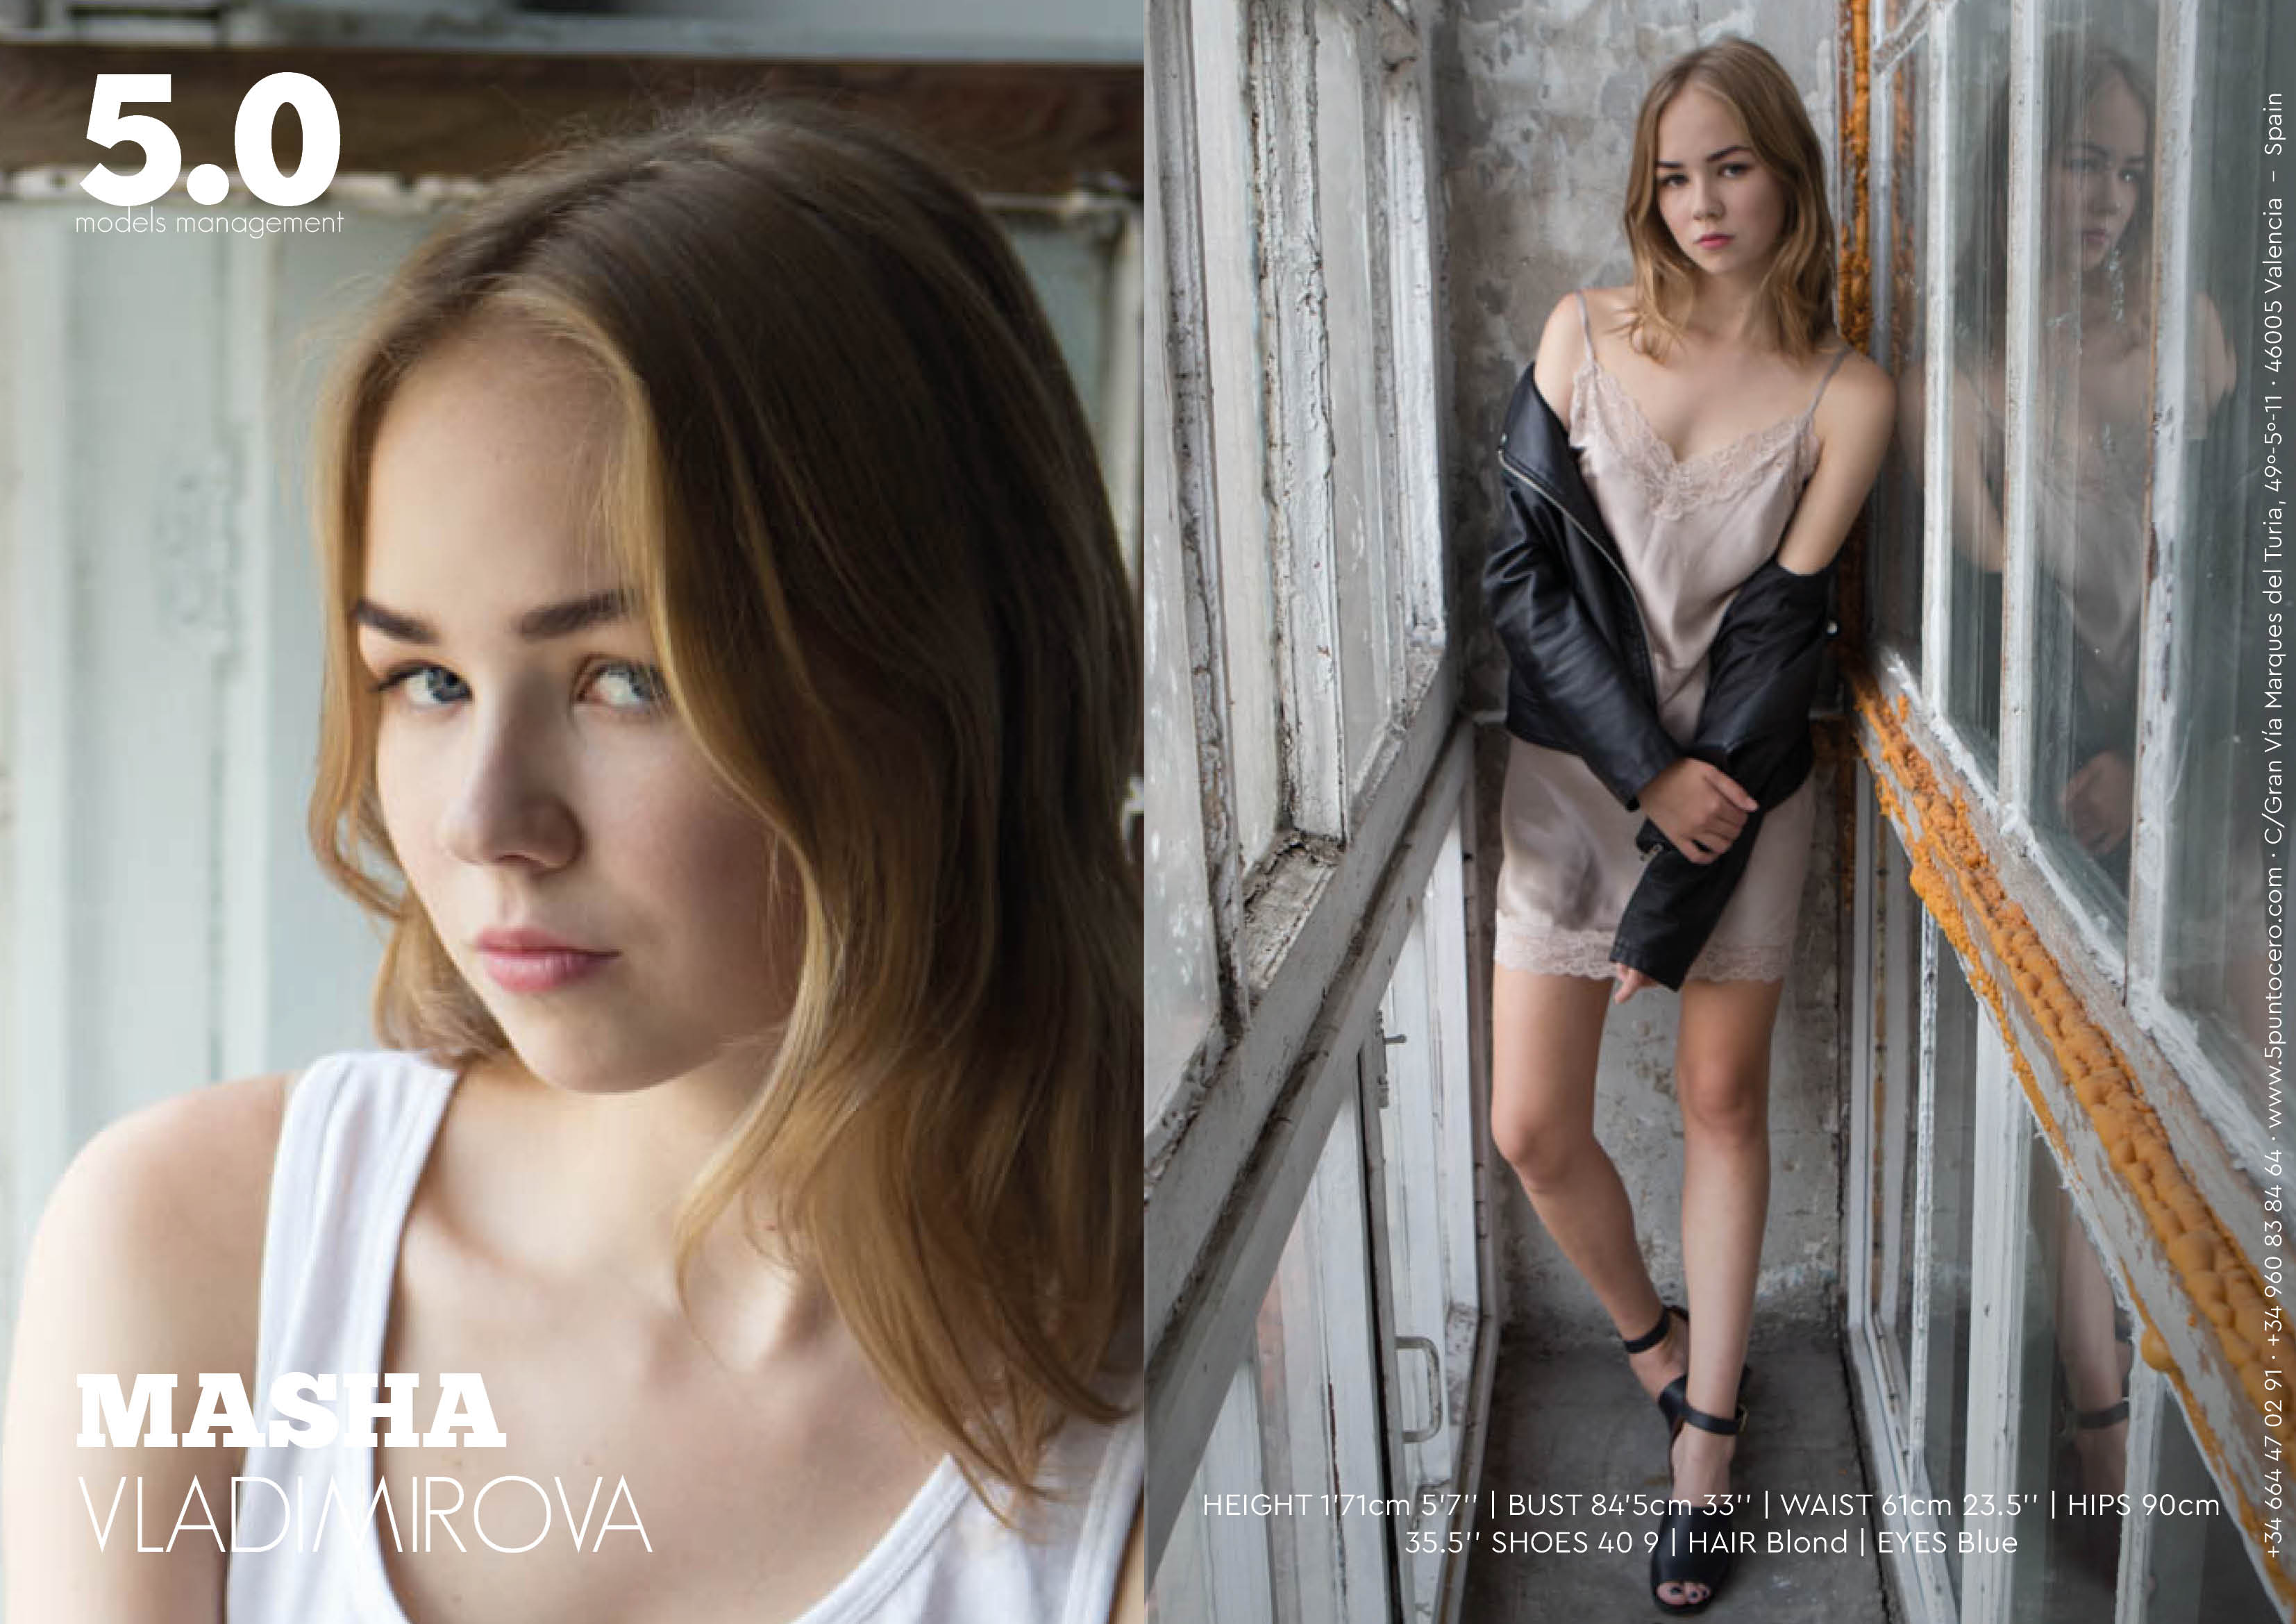 masha vladimirova cinco punto cero agencia modelos valencia